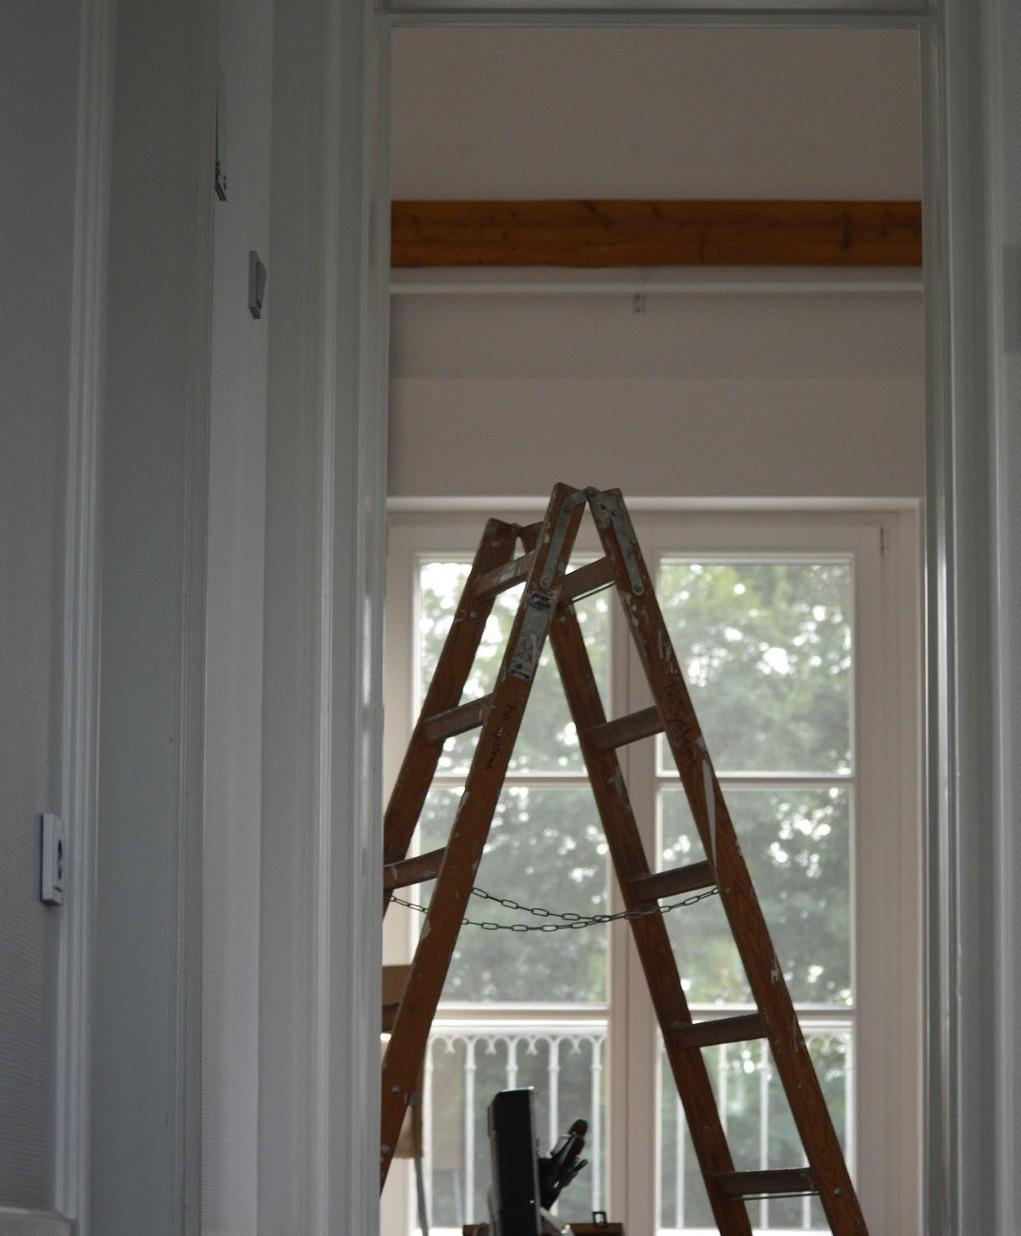 Obblighi 2020 per chi fa lavori in casa in condominio nel proprio appartamento